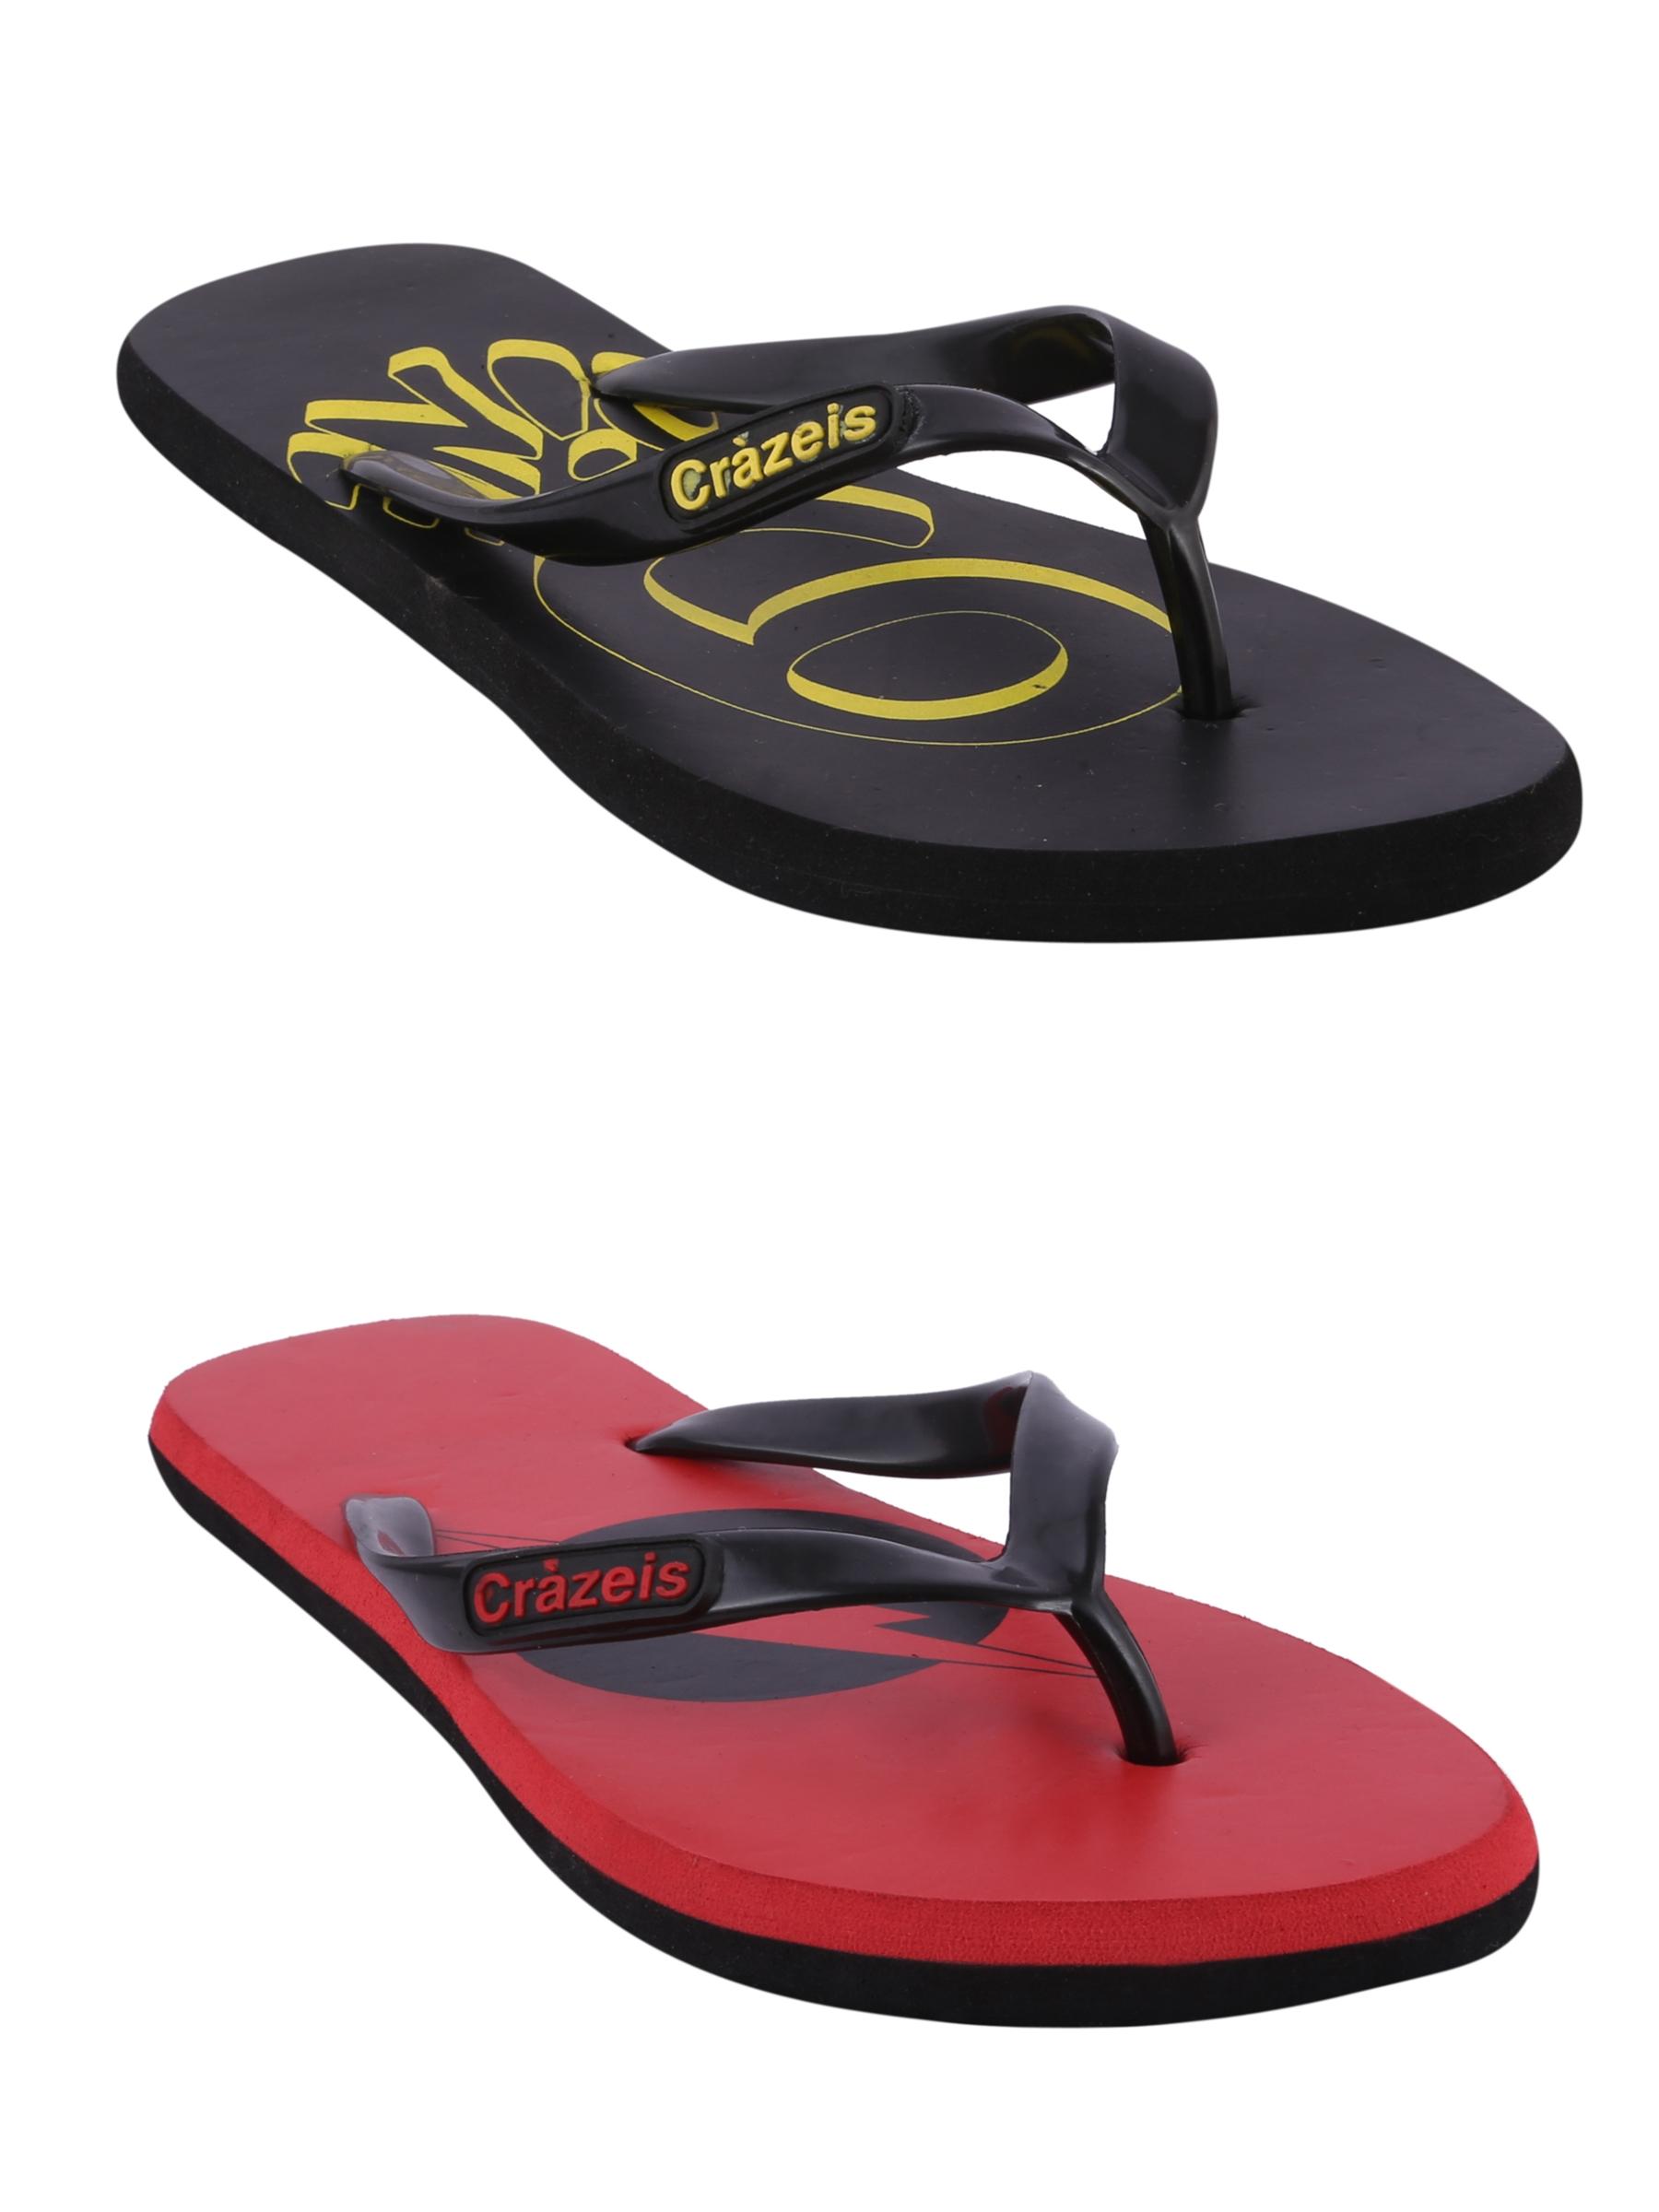 crazeis2 Crazeis Flip-flops Pack Of 2 For Men-010